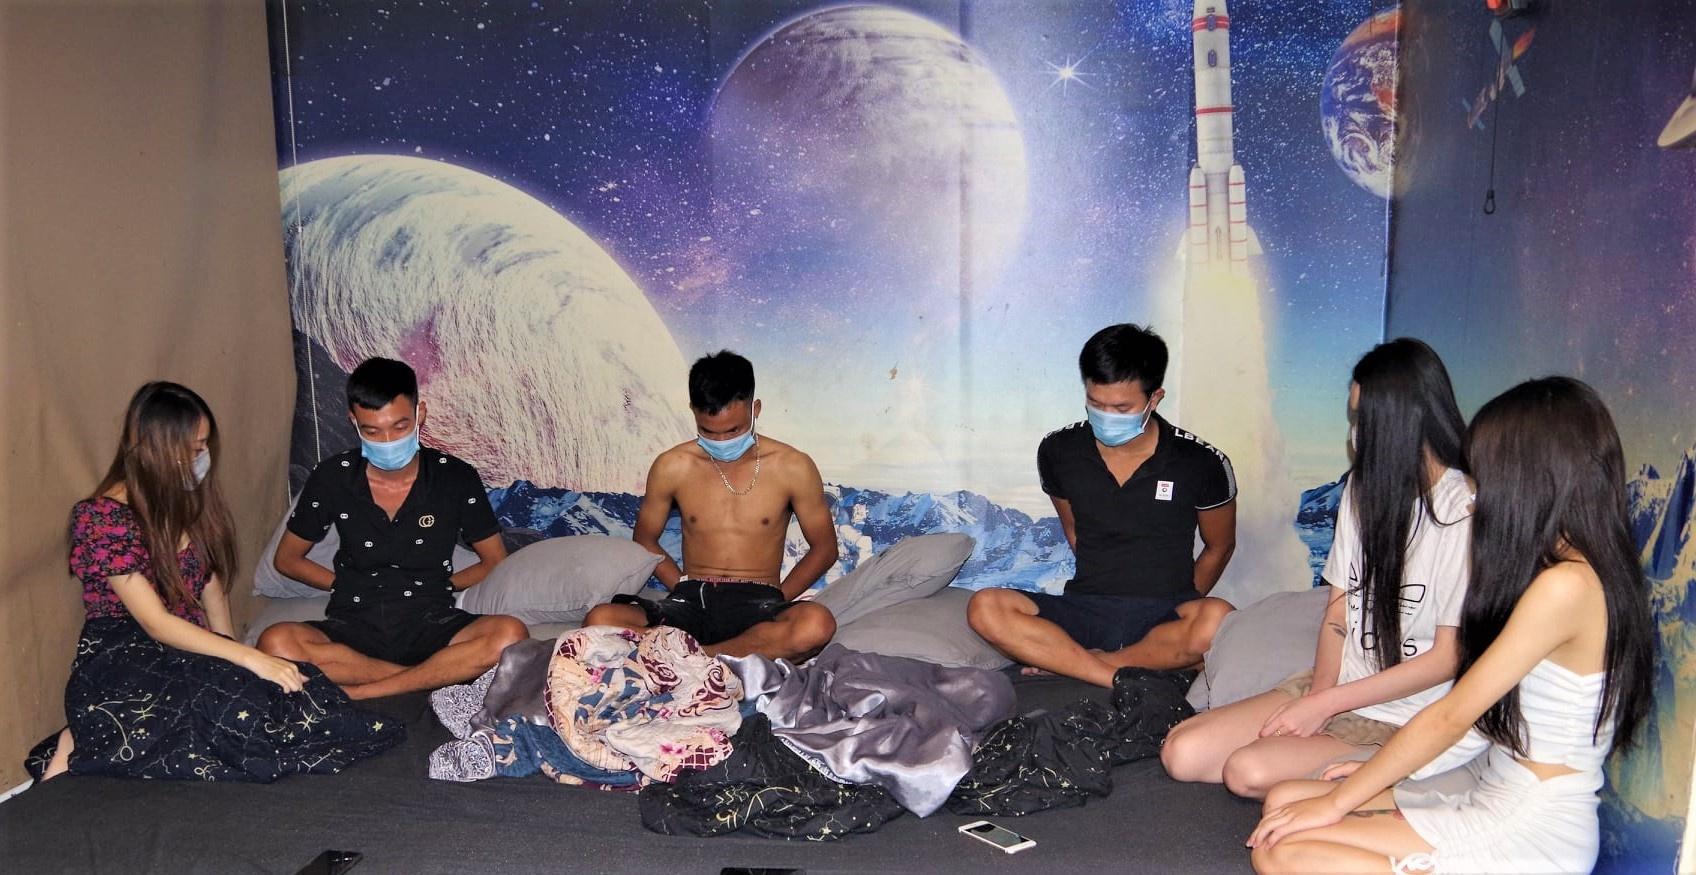 13 nam, nữ tụ tập bay lắc trong khách sạn ở Hà Nam